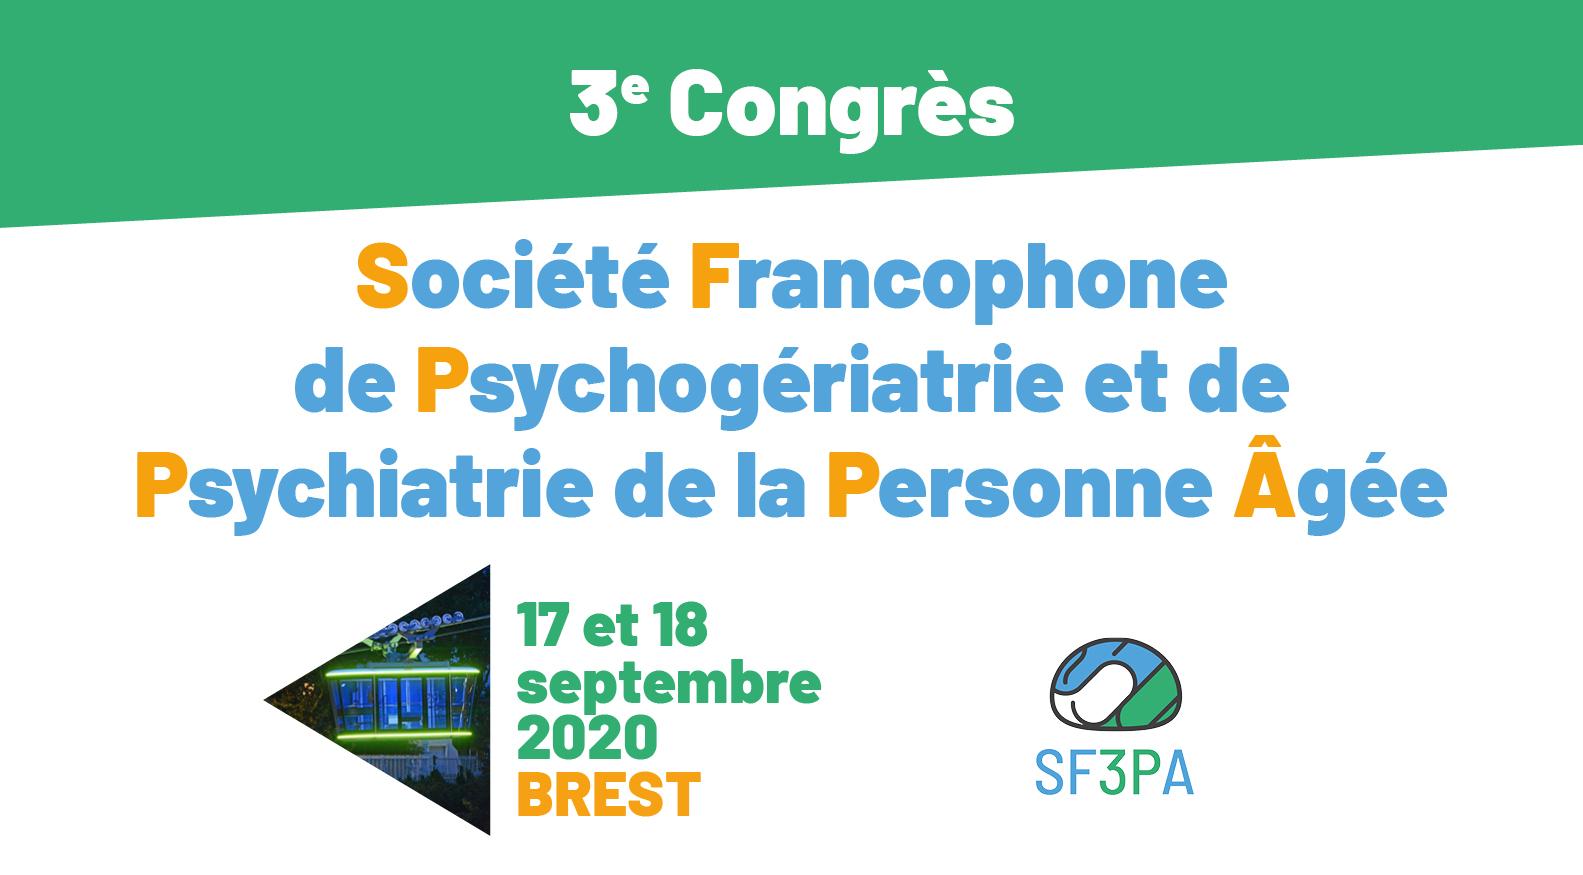 Brest – Jeudi 17 et vendredi 18 septembre 2020